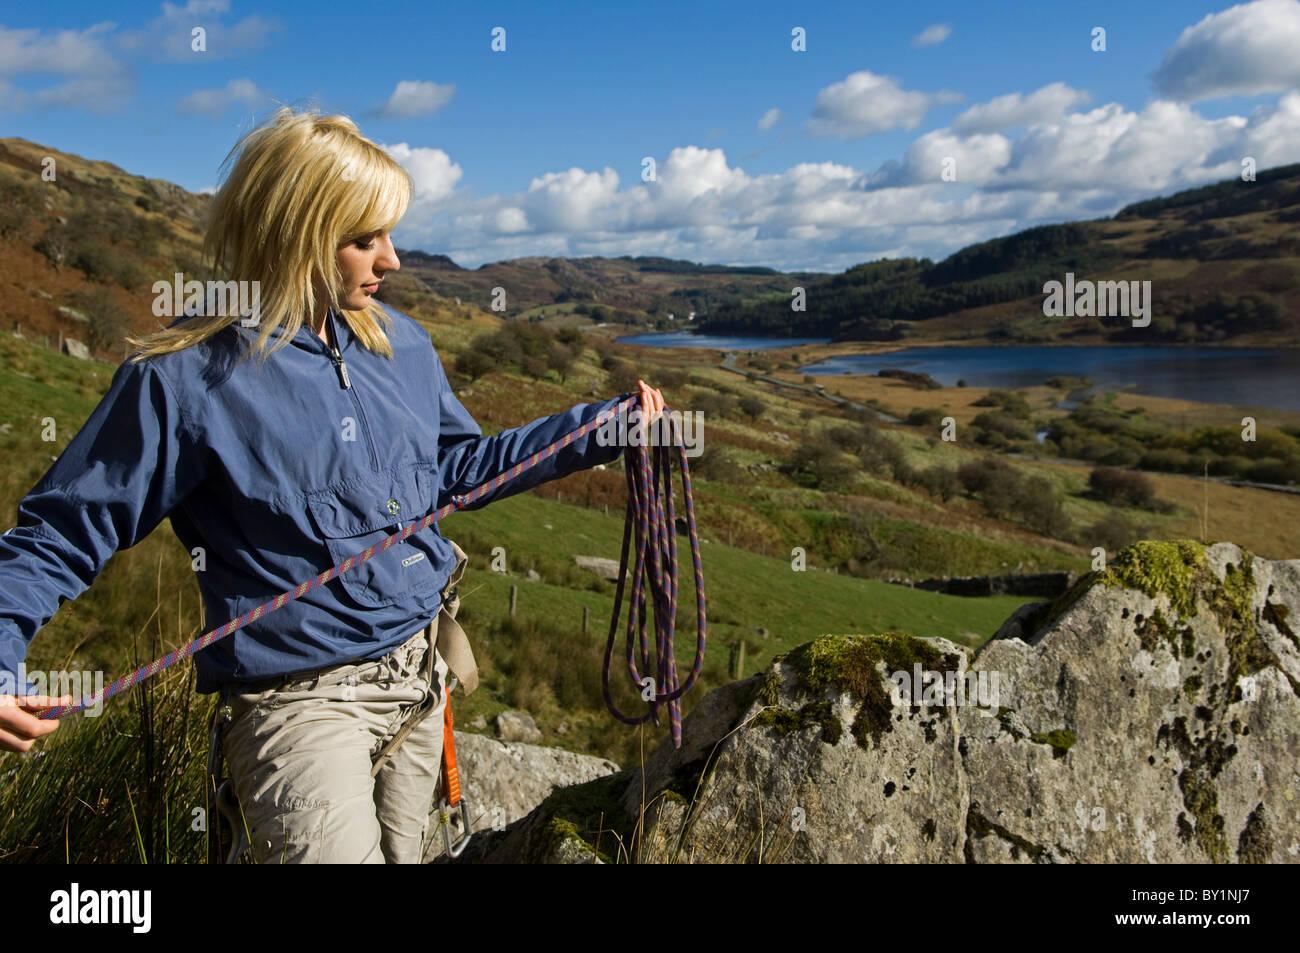 Klettergurt Seil : Uk nord wales snowdonia mädchen mit seil und klettergurt